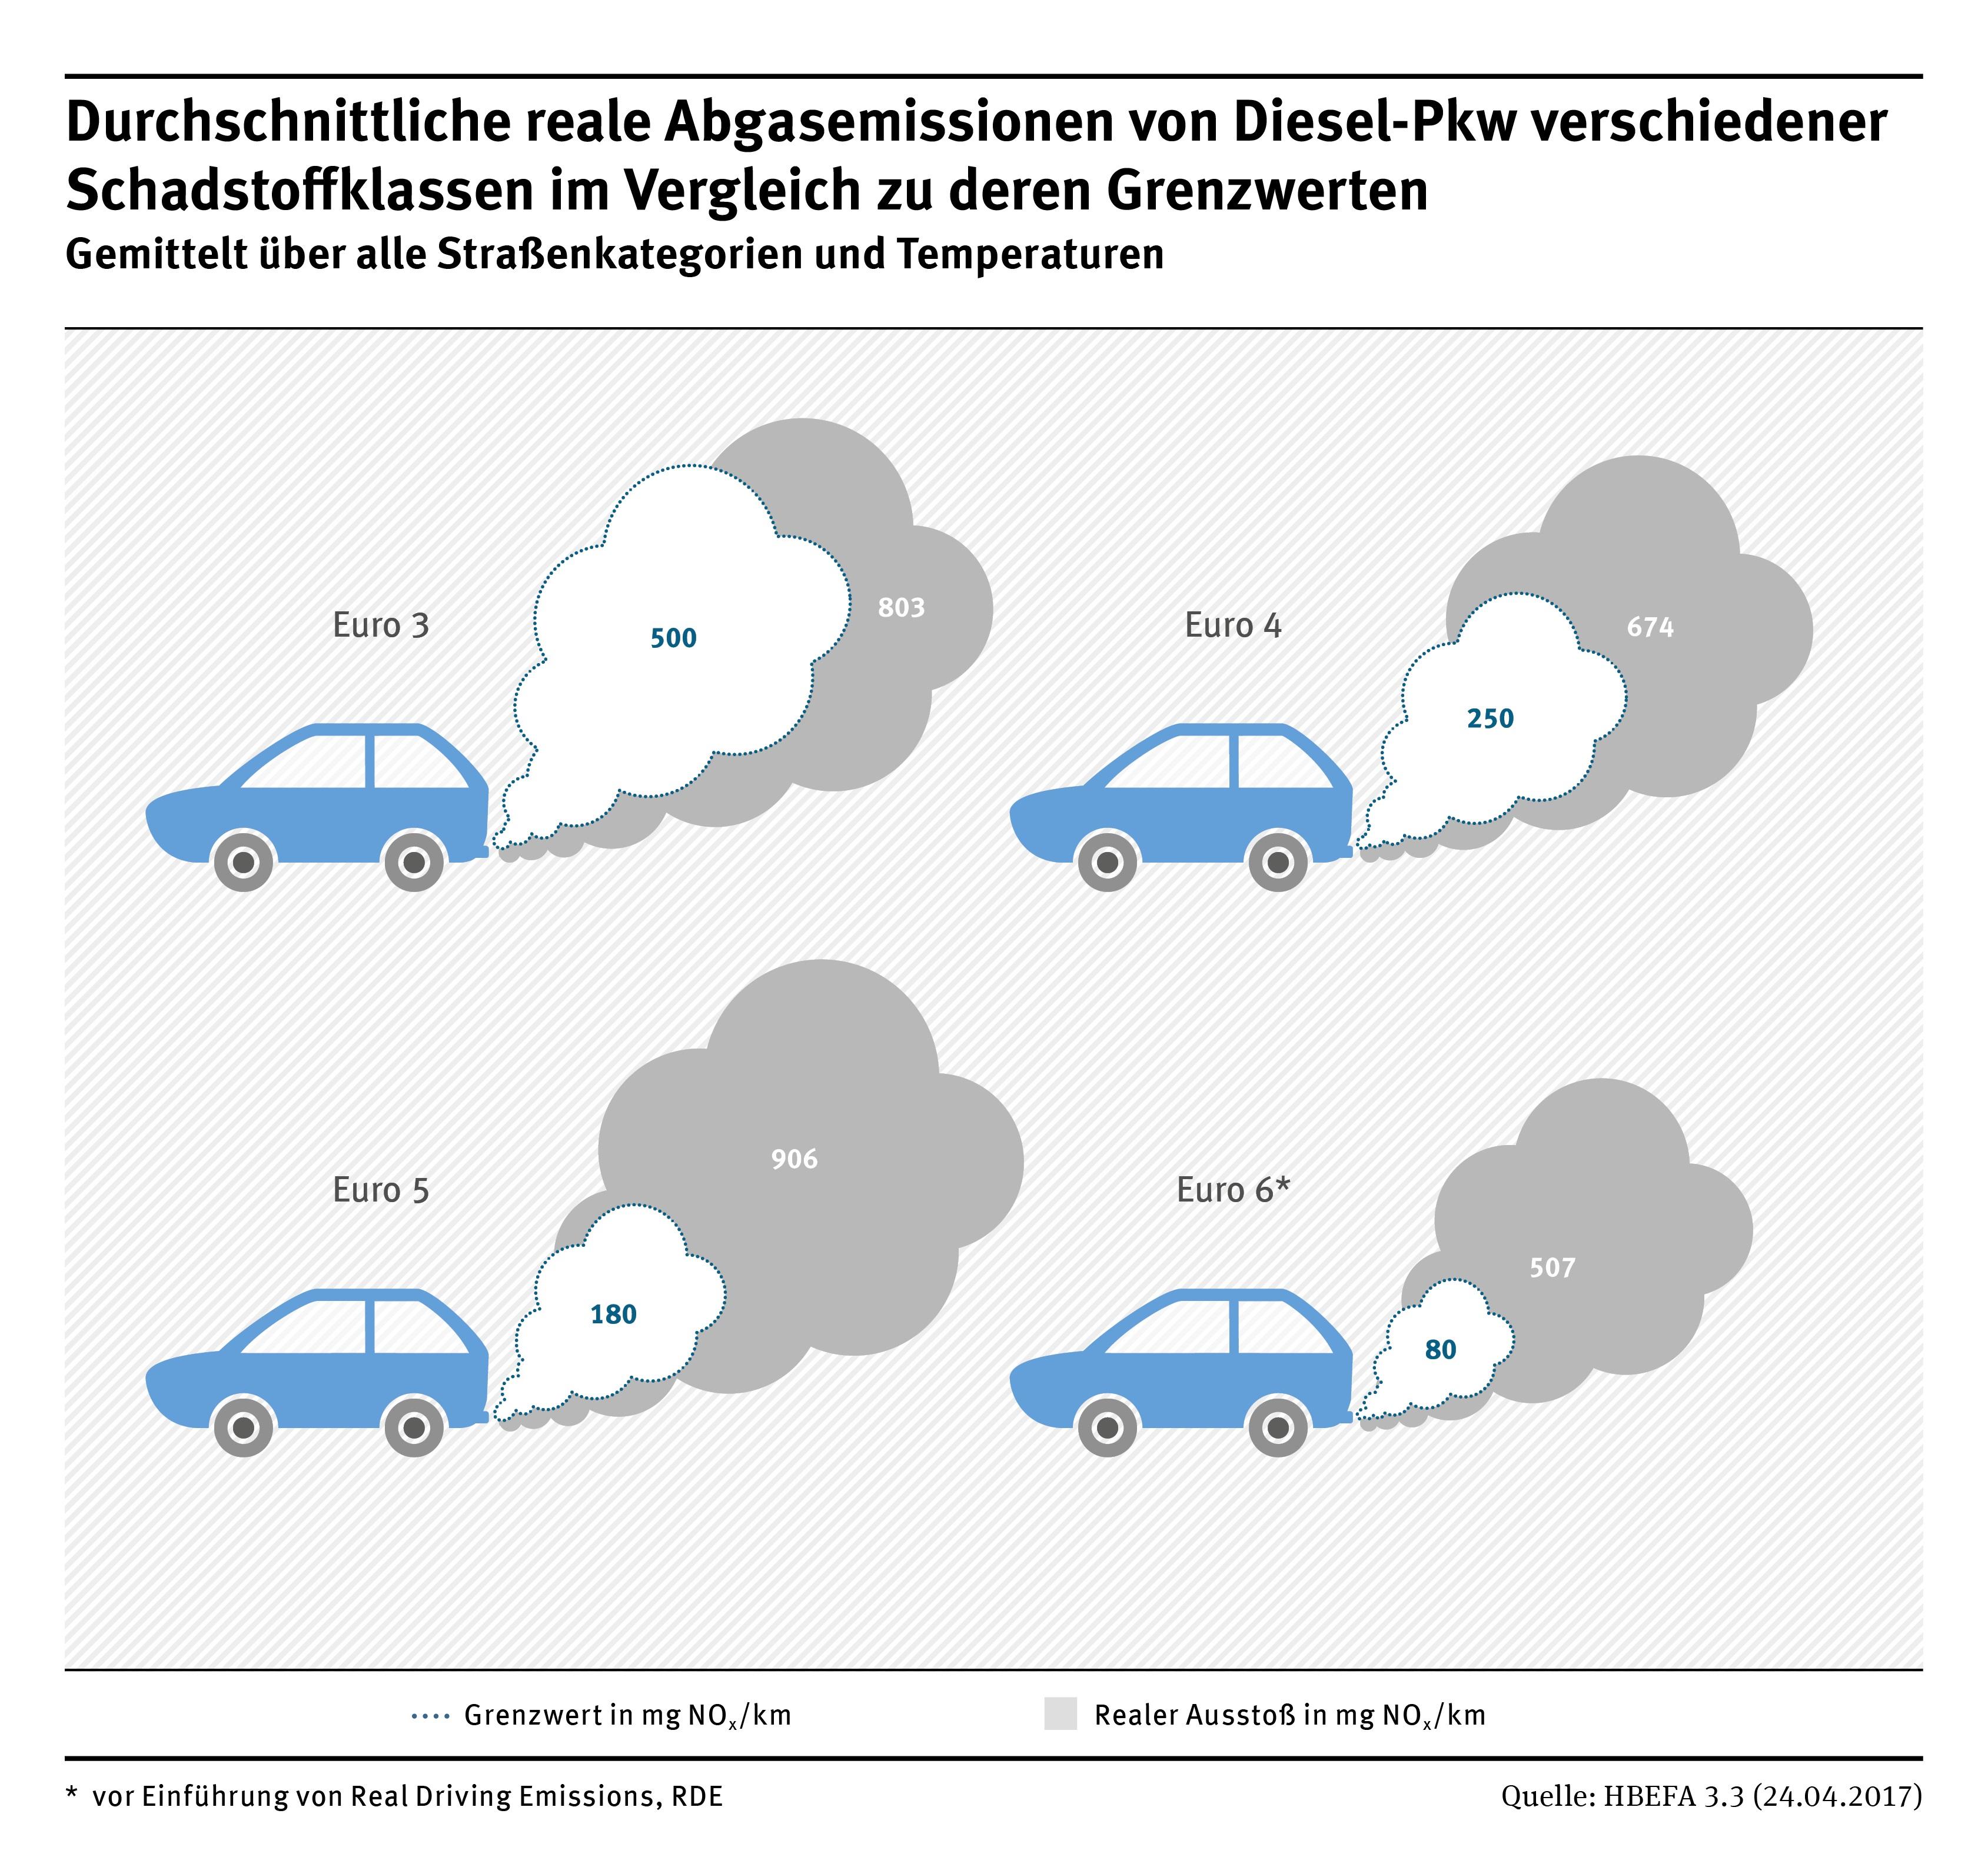 Berühmt Dieselmotor Diagramm Beschriftet Ideen - Schaltplan Serie ...